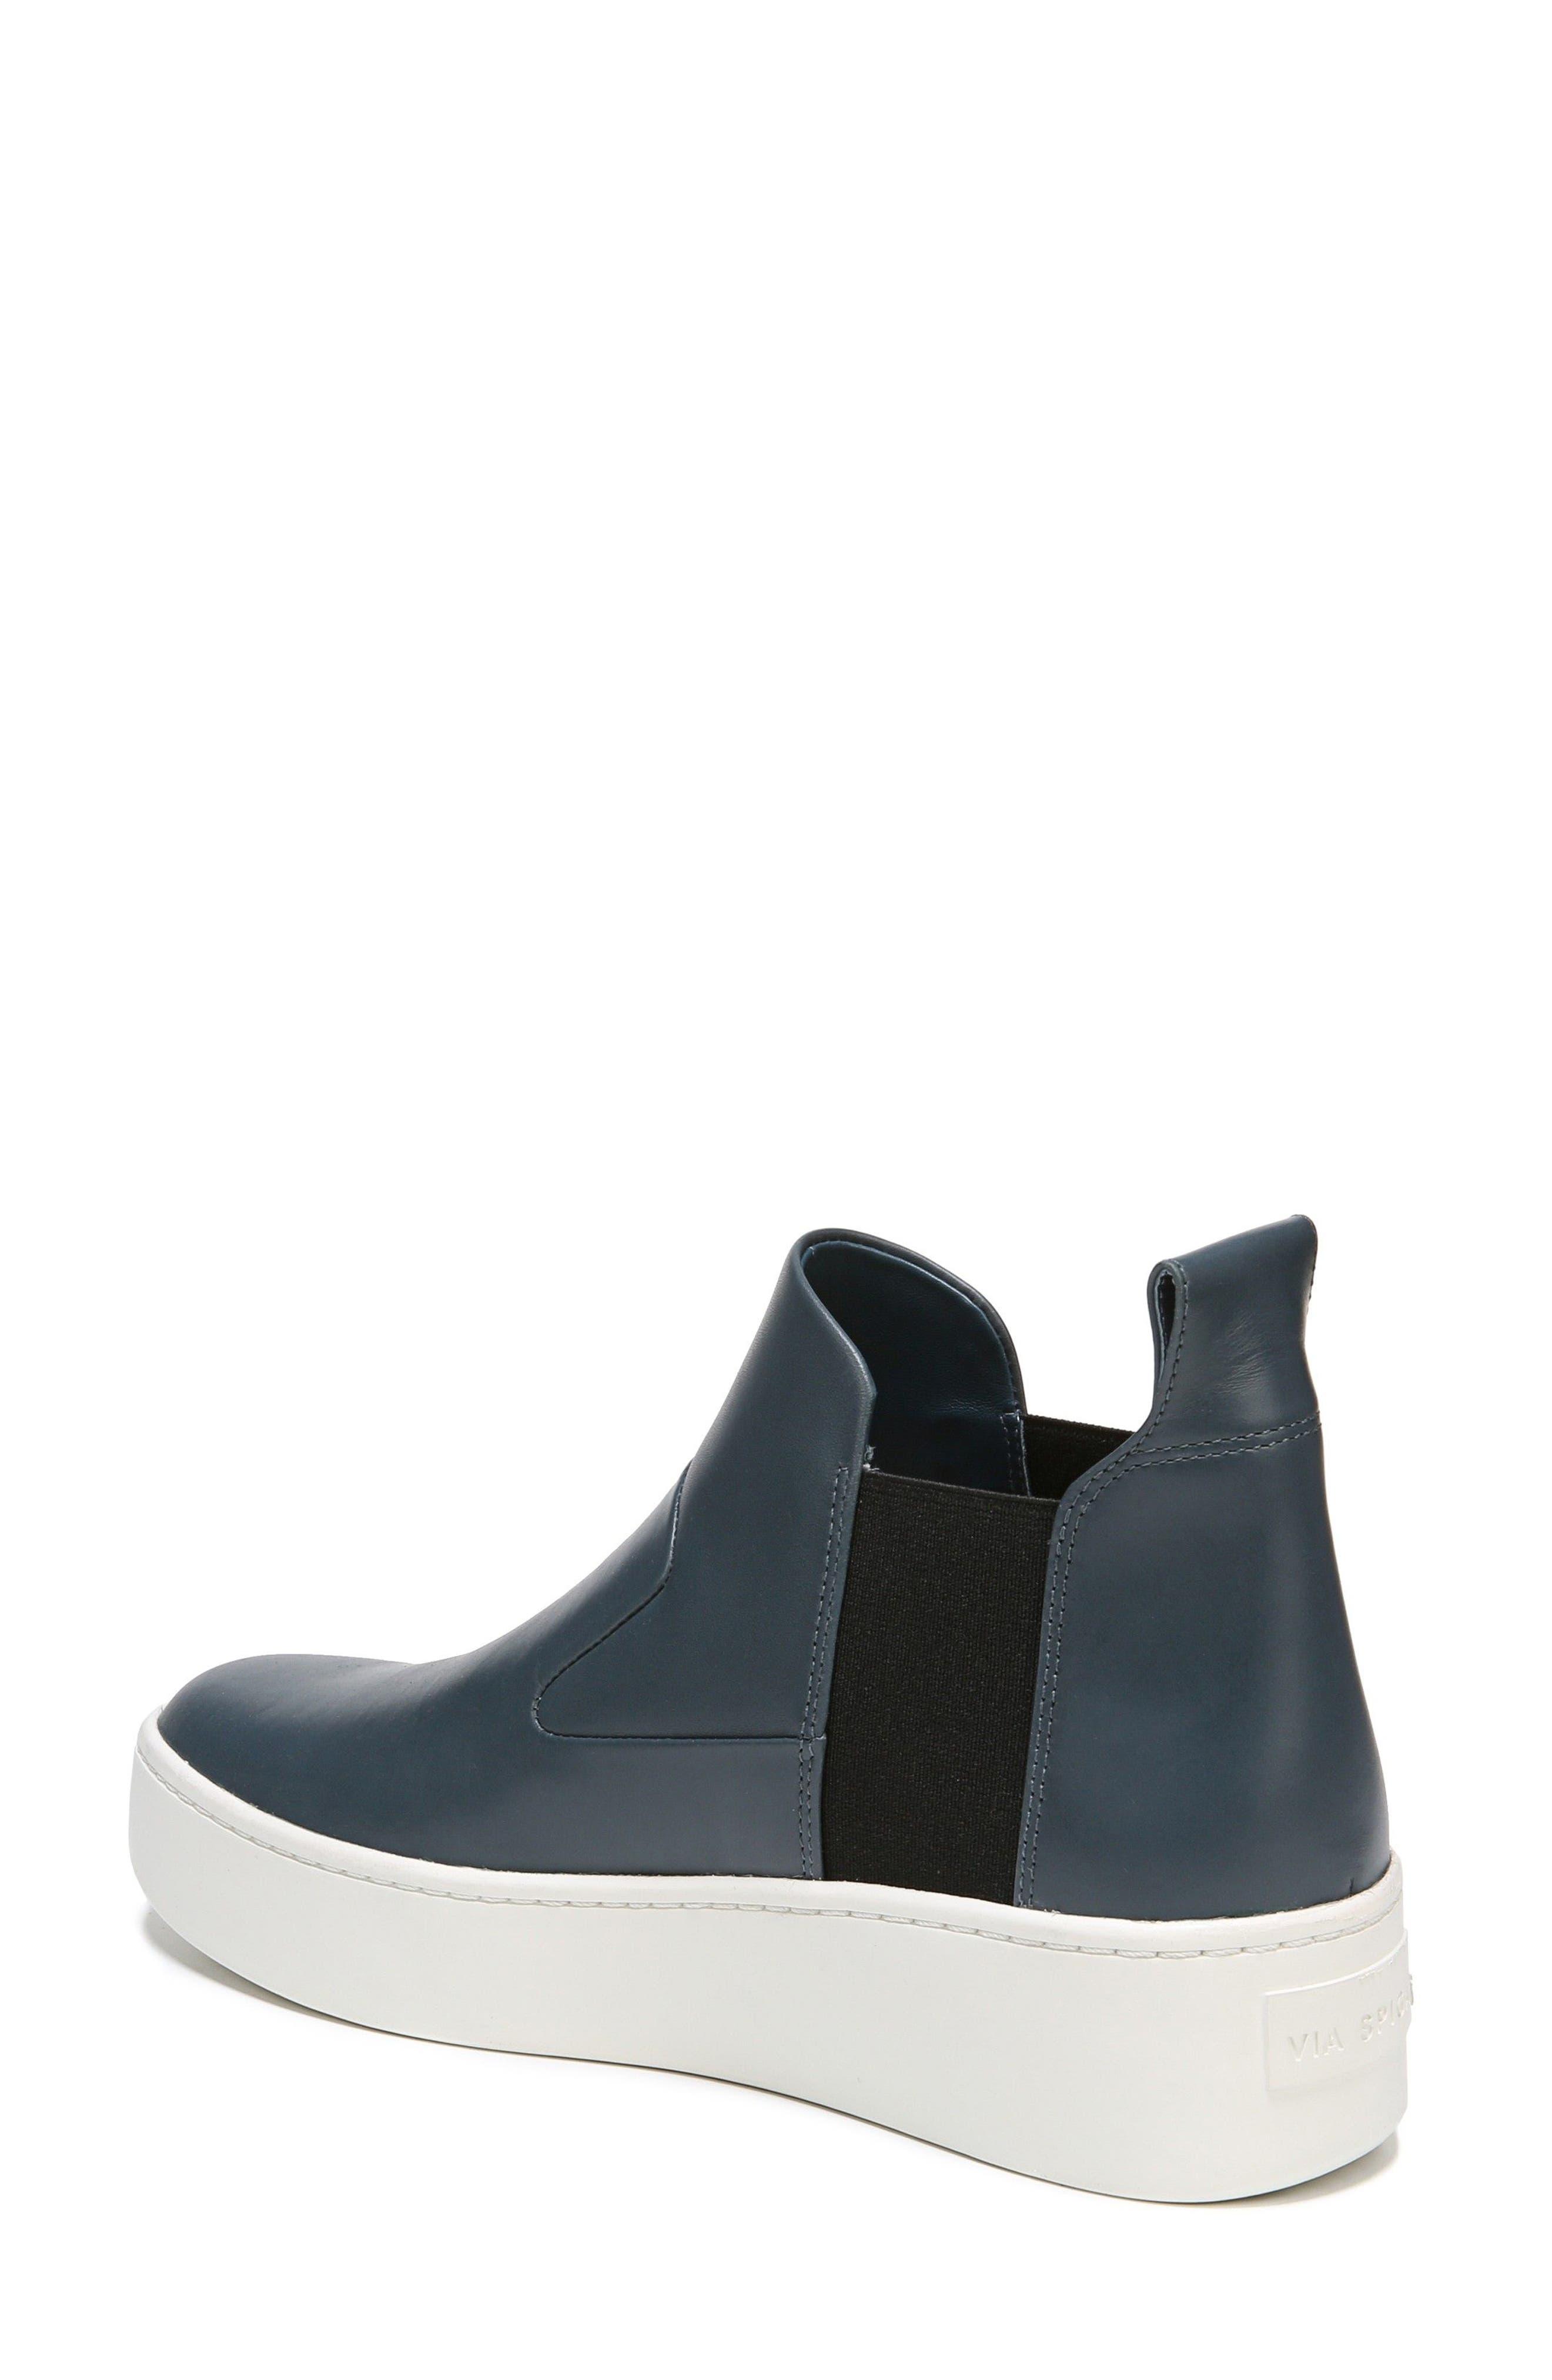 Eren Slip-On High Top Sneaker,                             Alternate thumbnail 5, color,